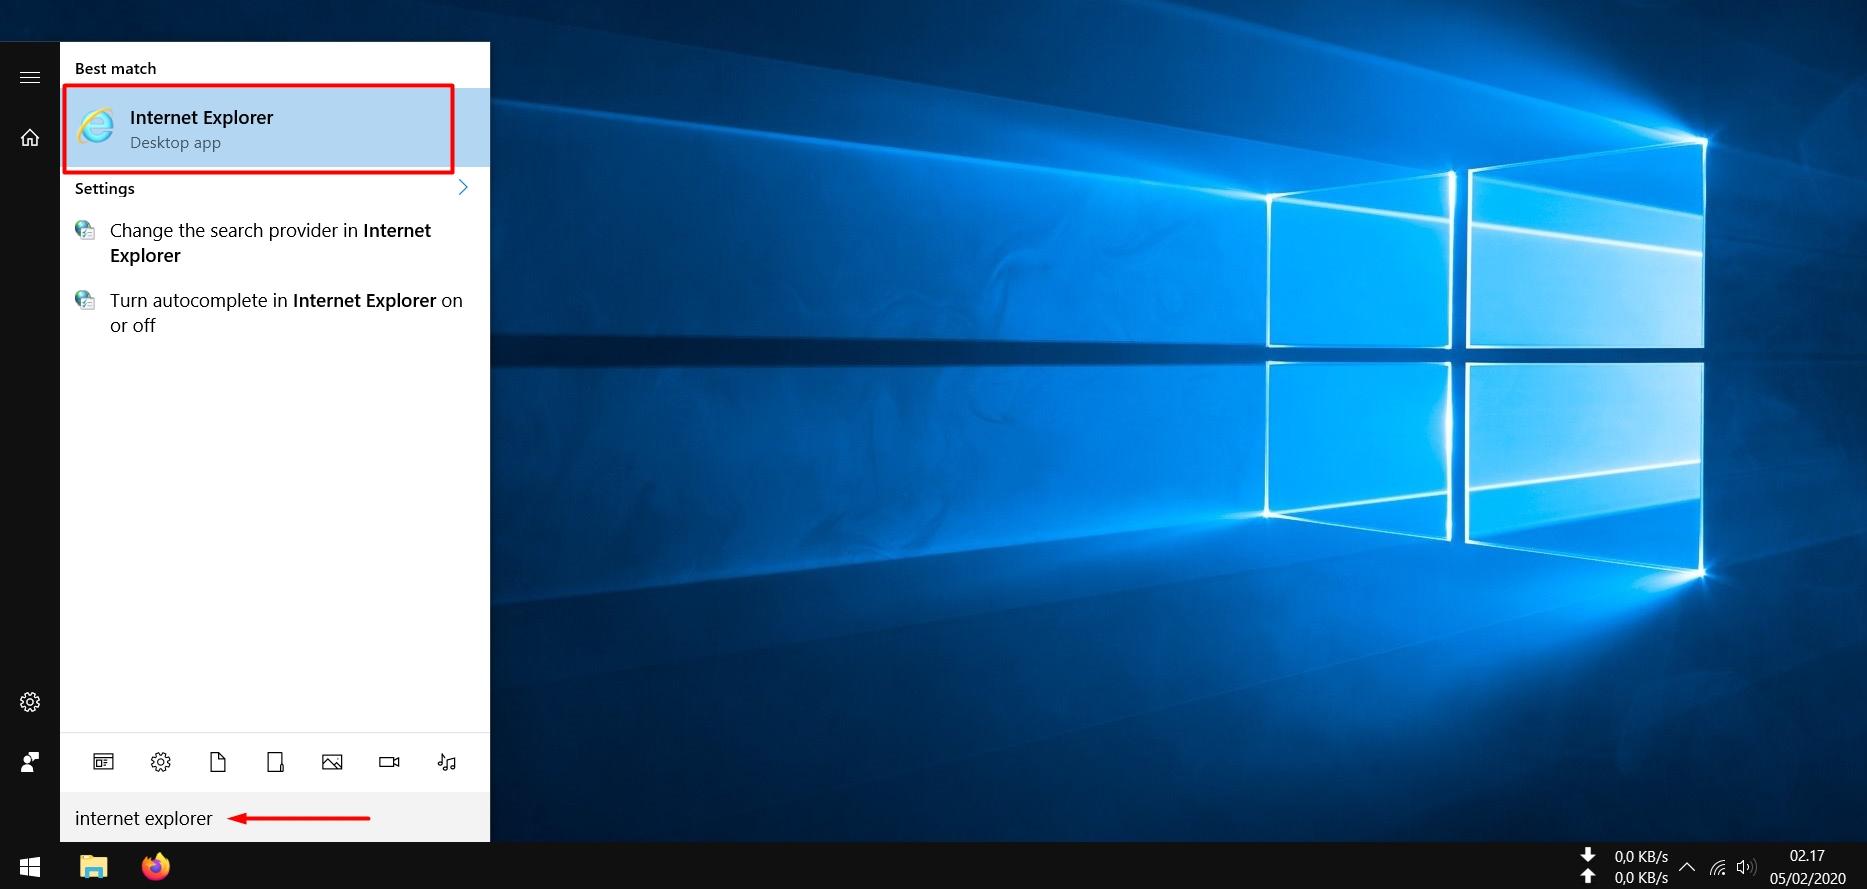 Open Internet Explorer using Start Menu